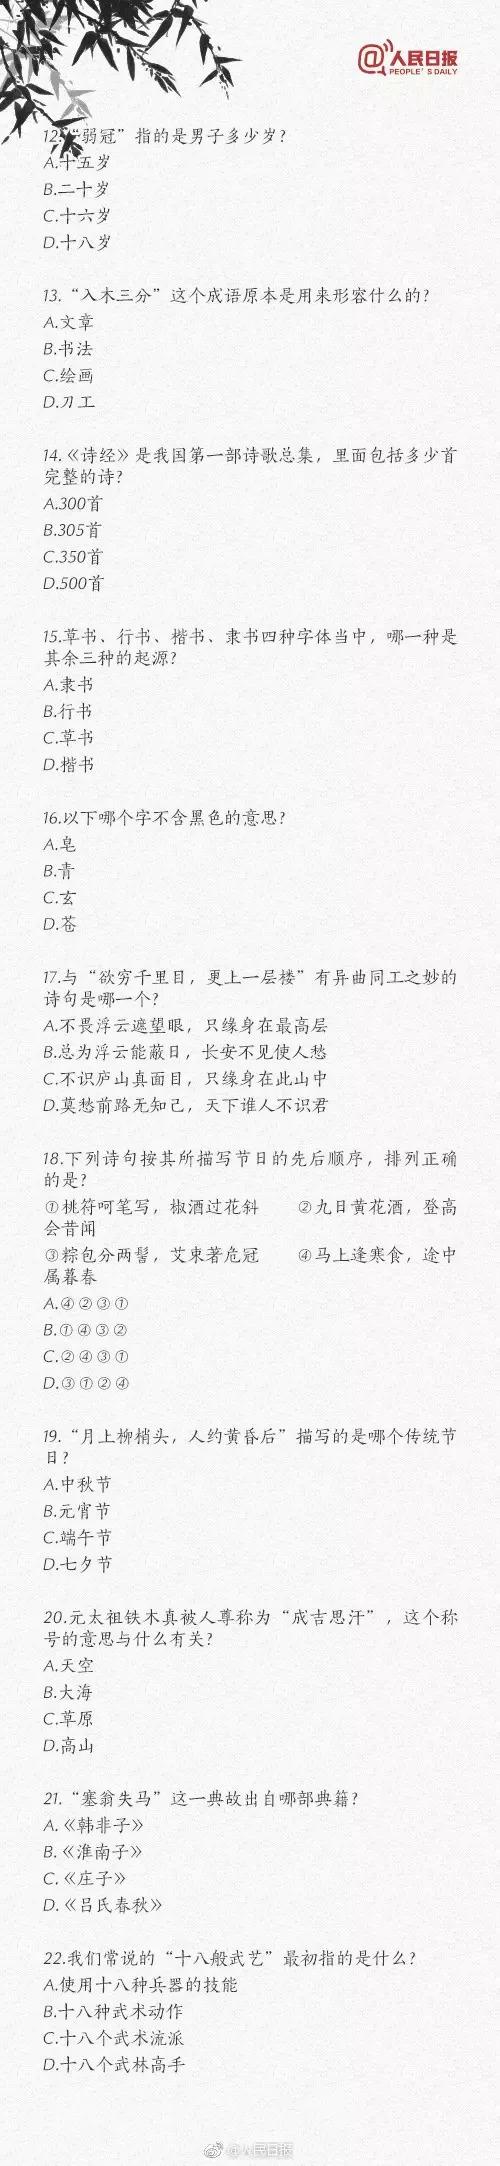 香港六马会开奖结果 2